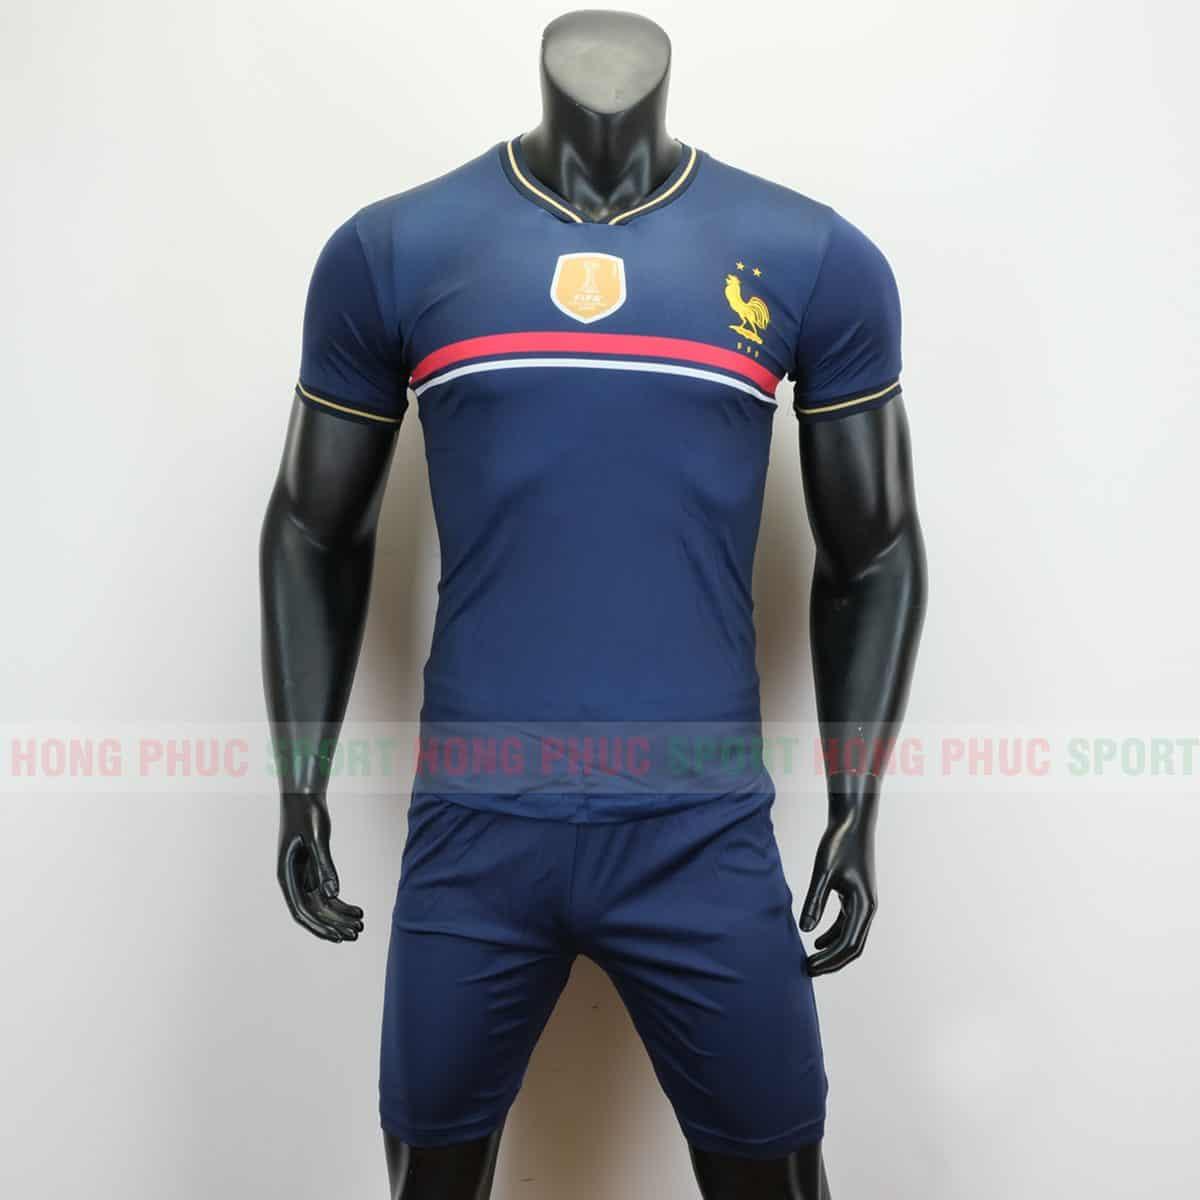 Áo thi đấu đội tuyển quốc gia Pháp 2019 màu tím than